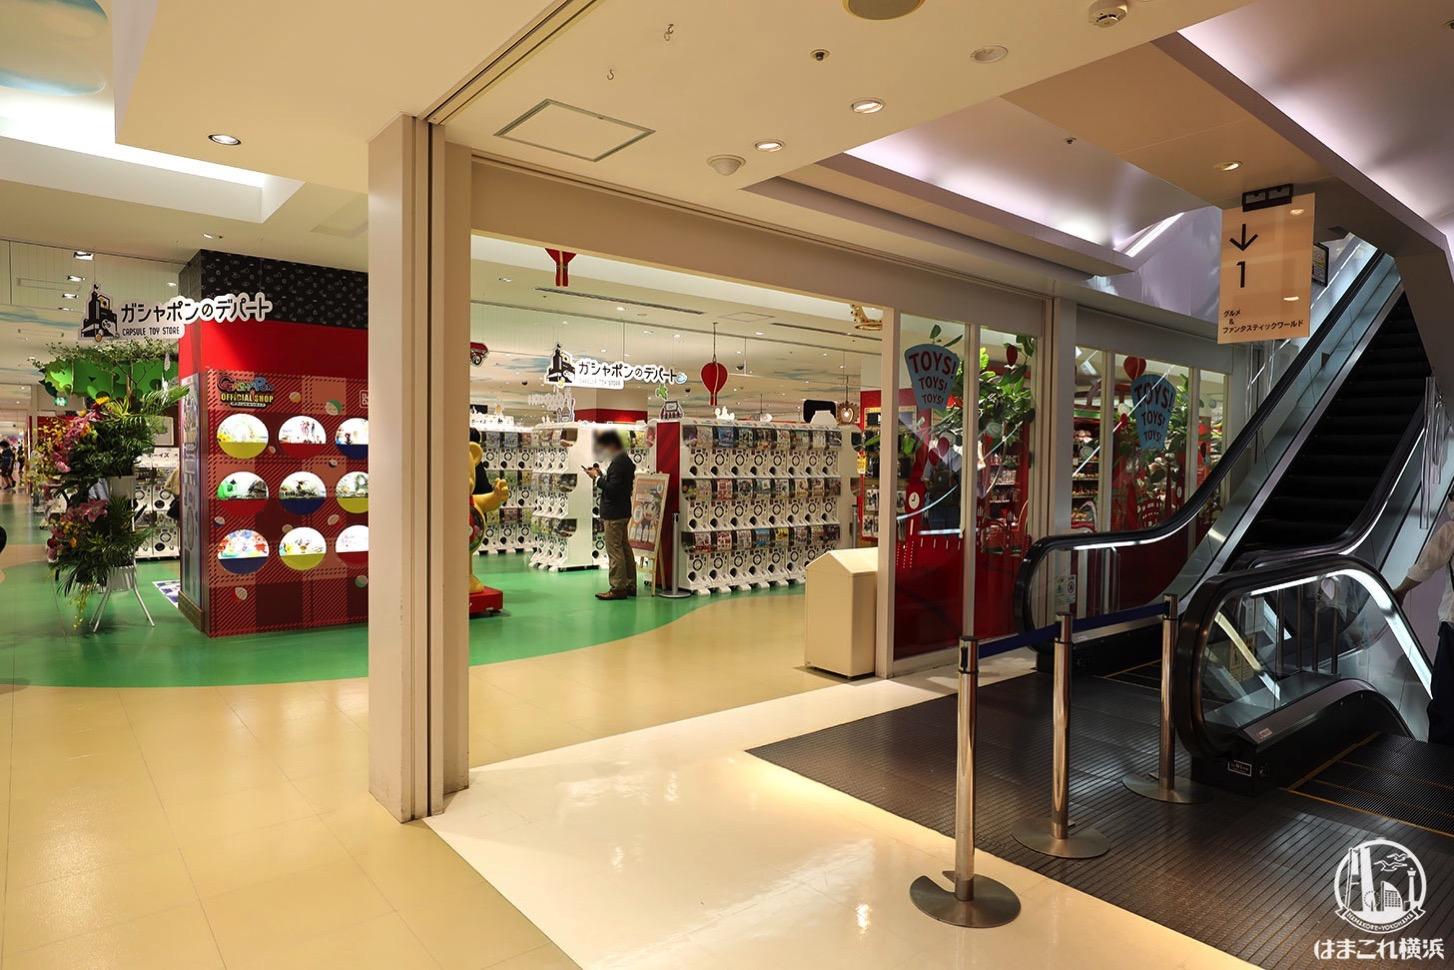 ガシャポンのデパート 横浜ワールドポーターズ店 2階ハムリーズ内